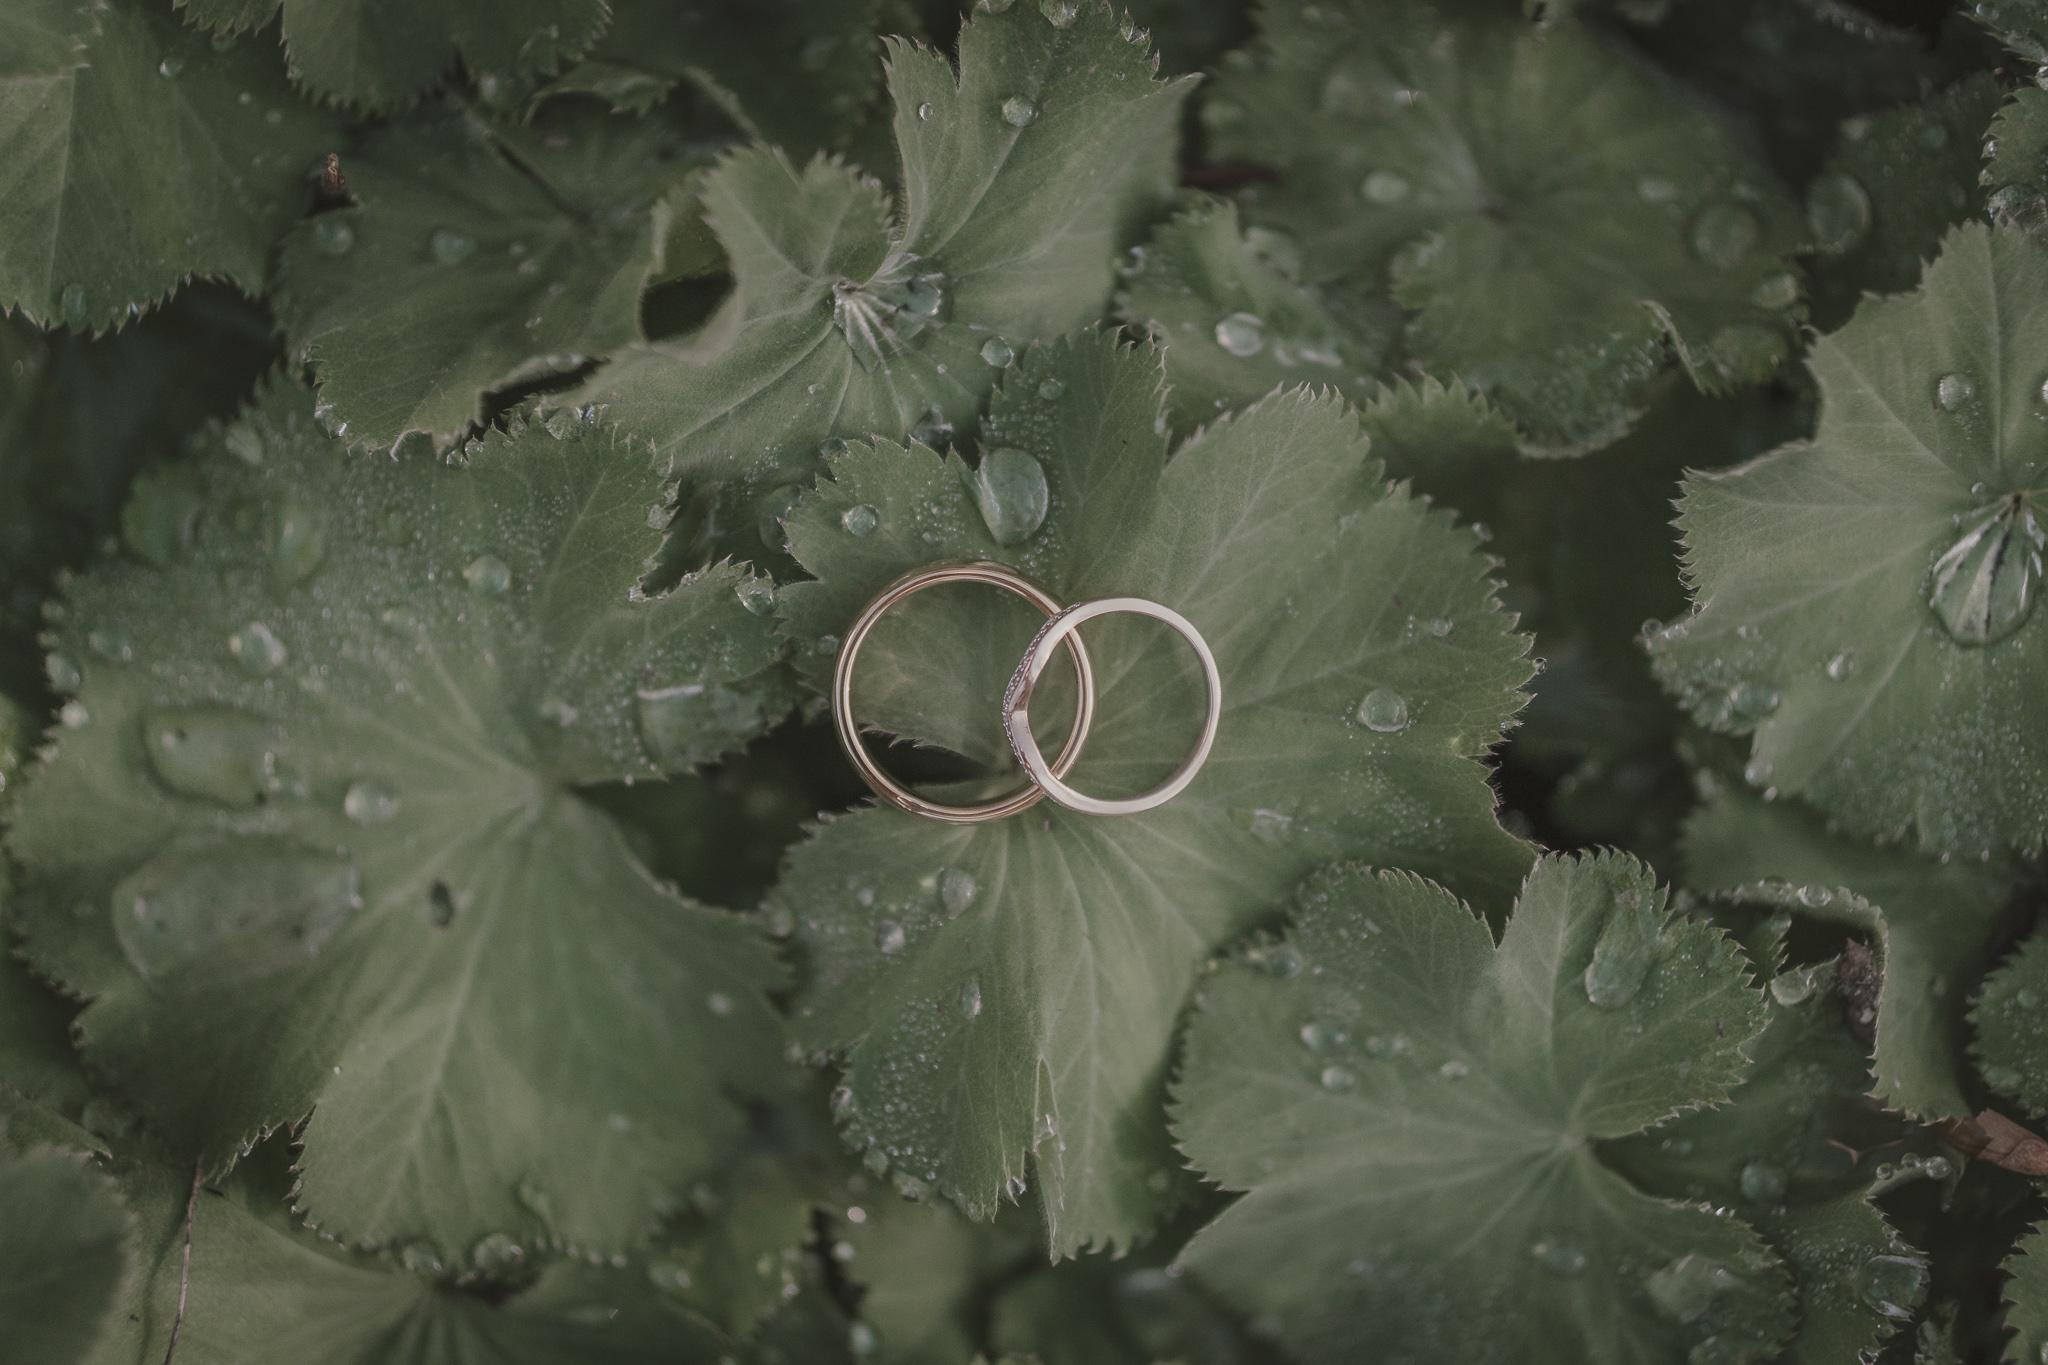 Two rings on leaves